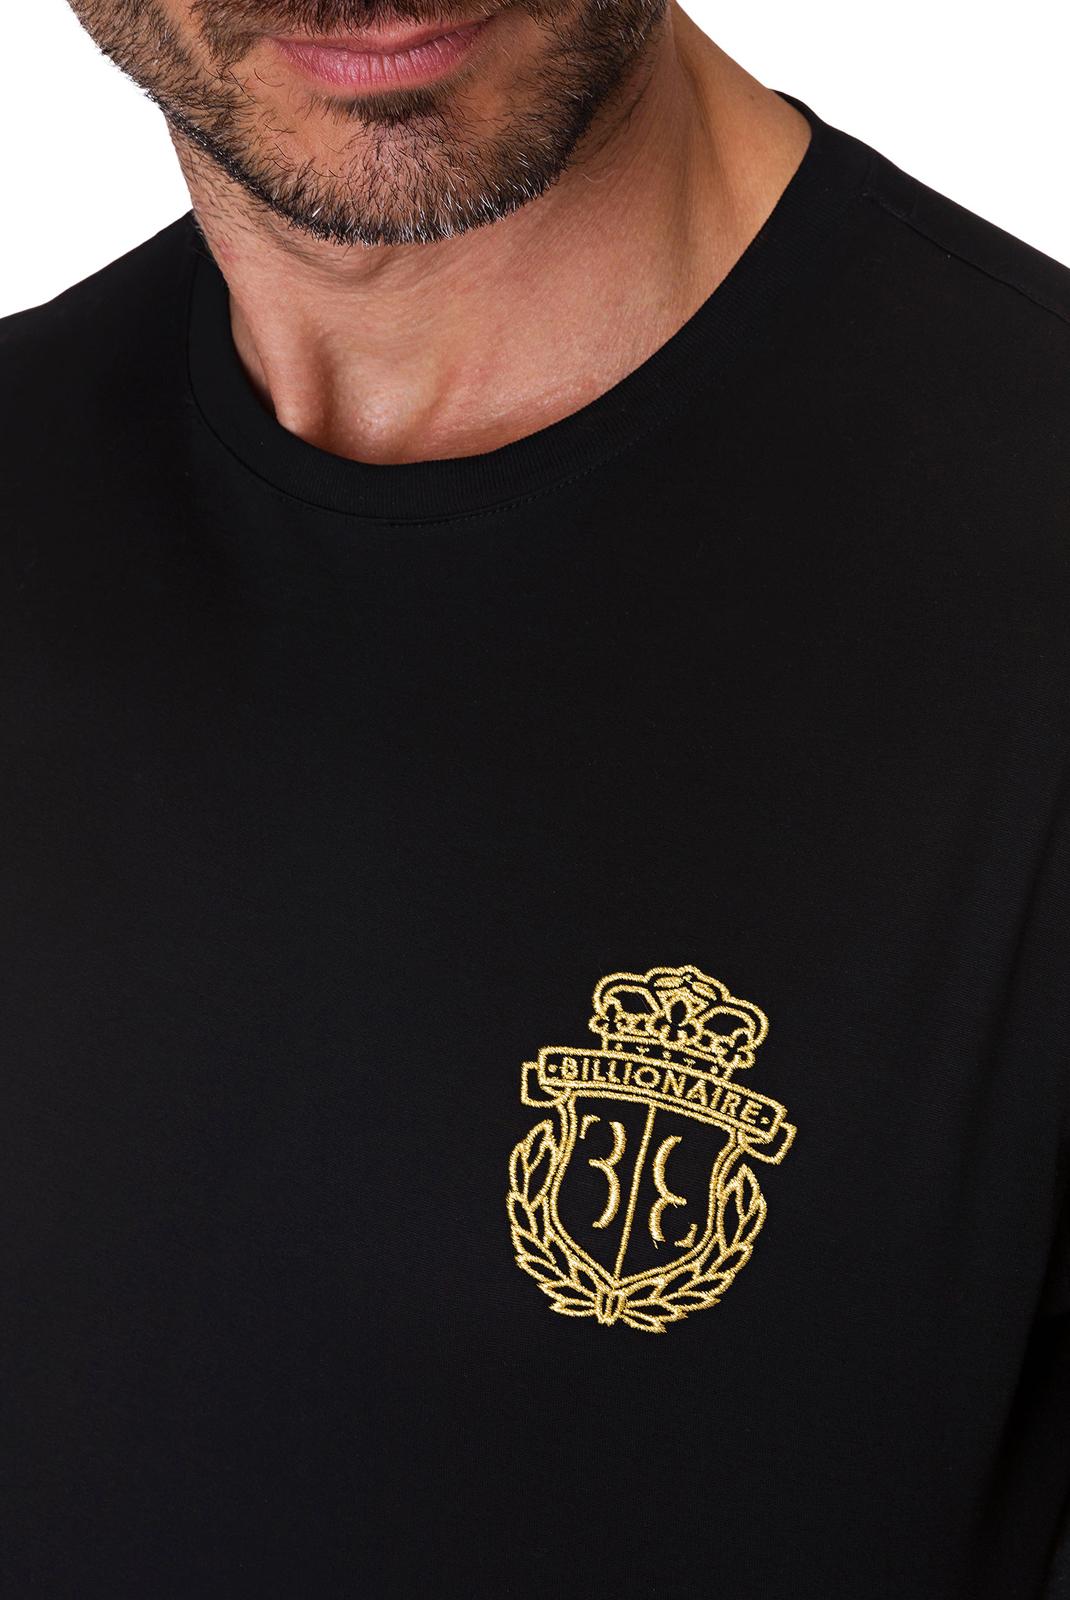 T-S manches courtes  Billionaire MTK2633 BLACK/GOLD